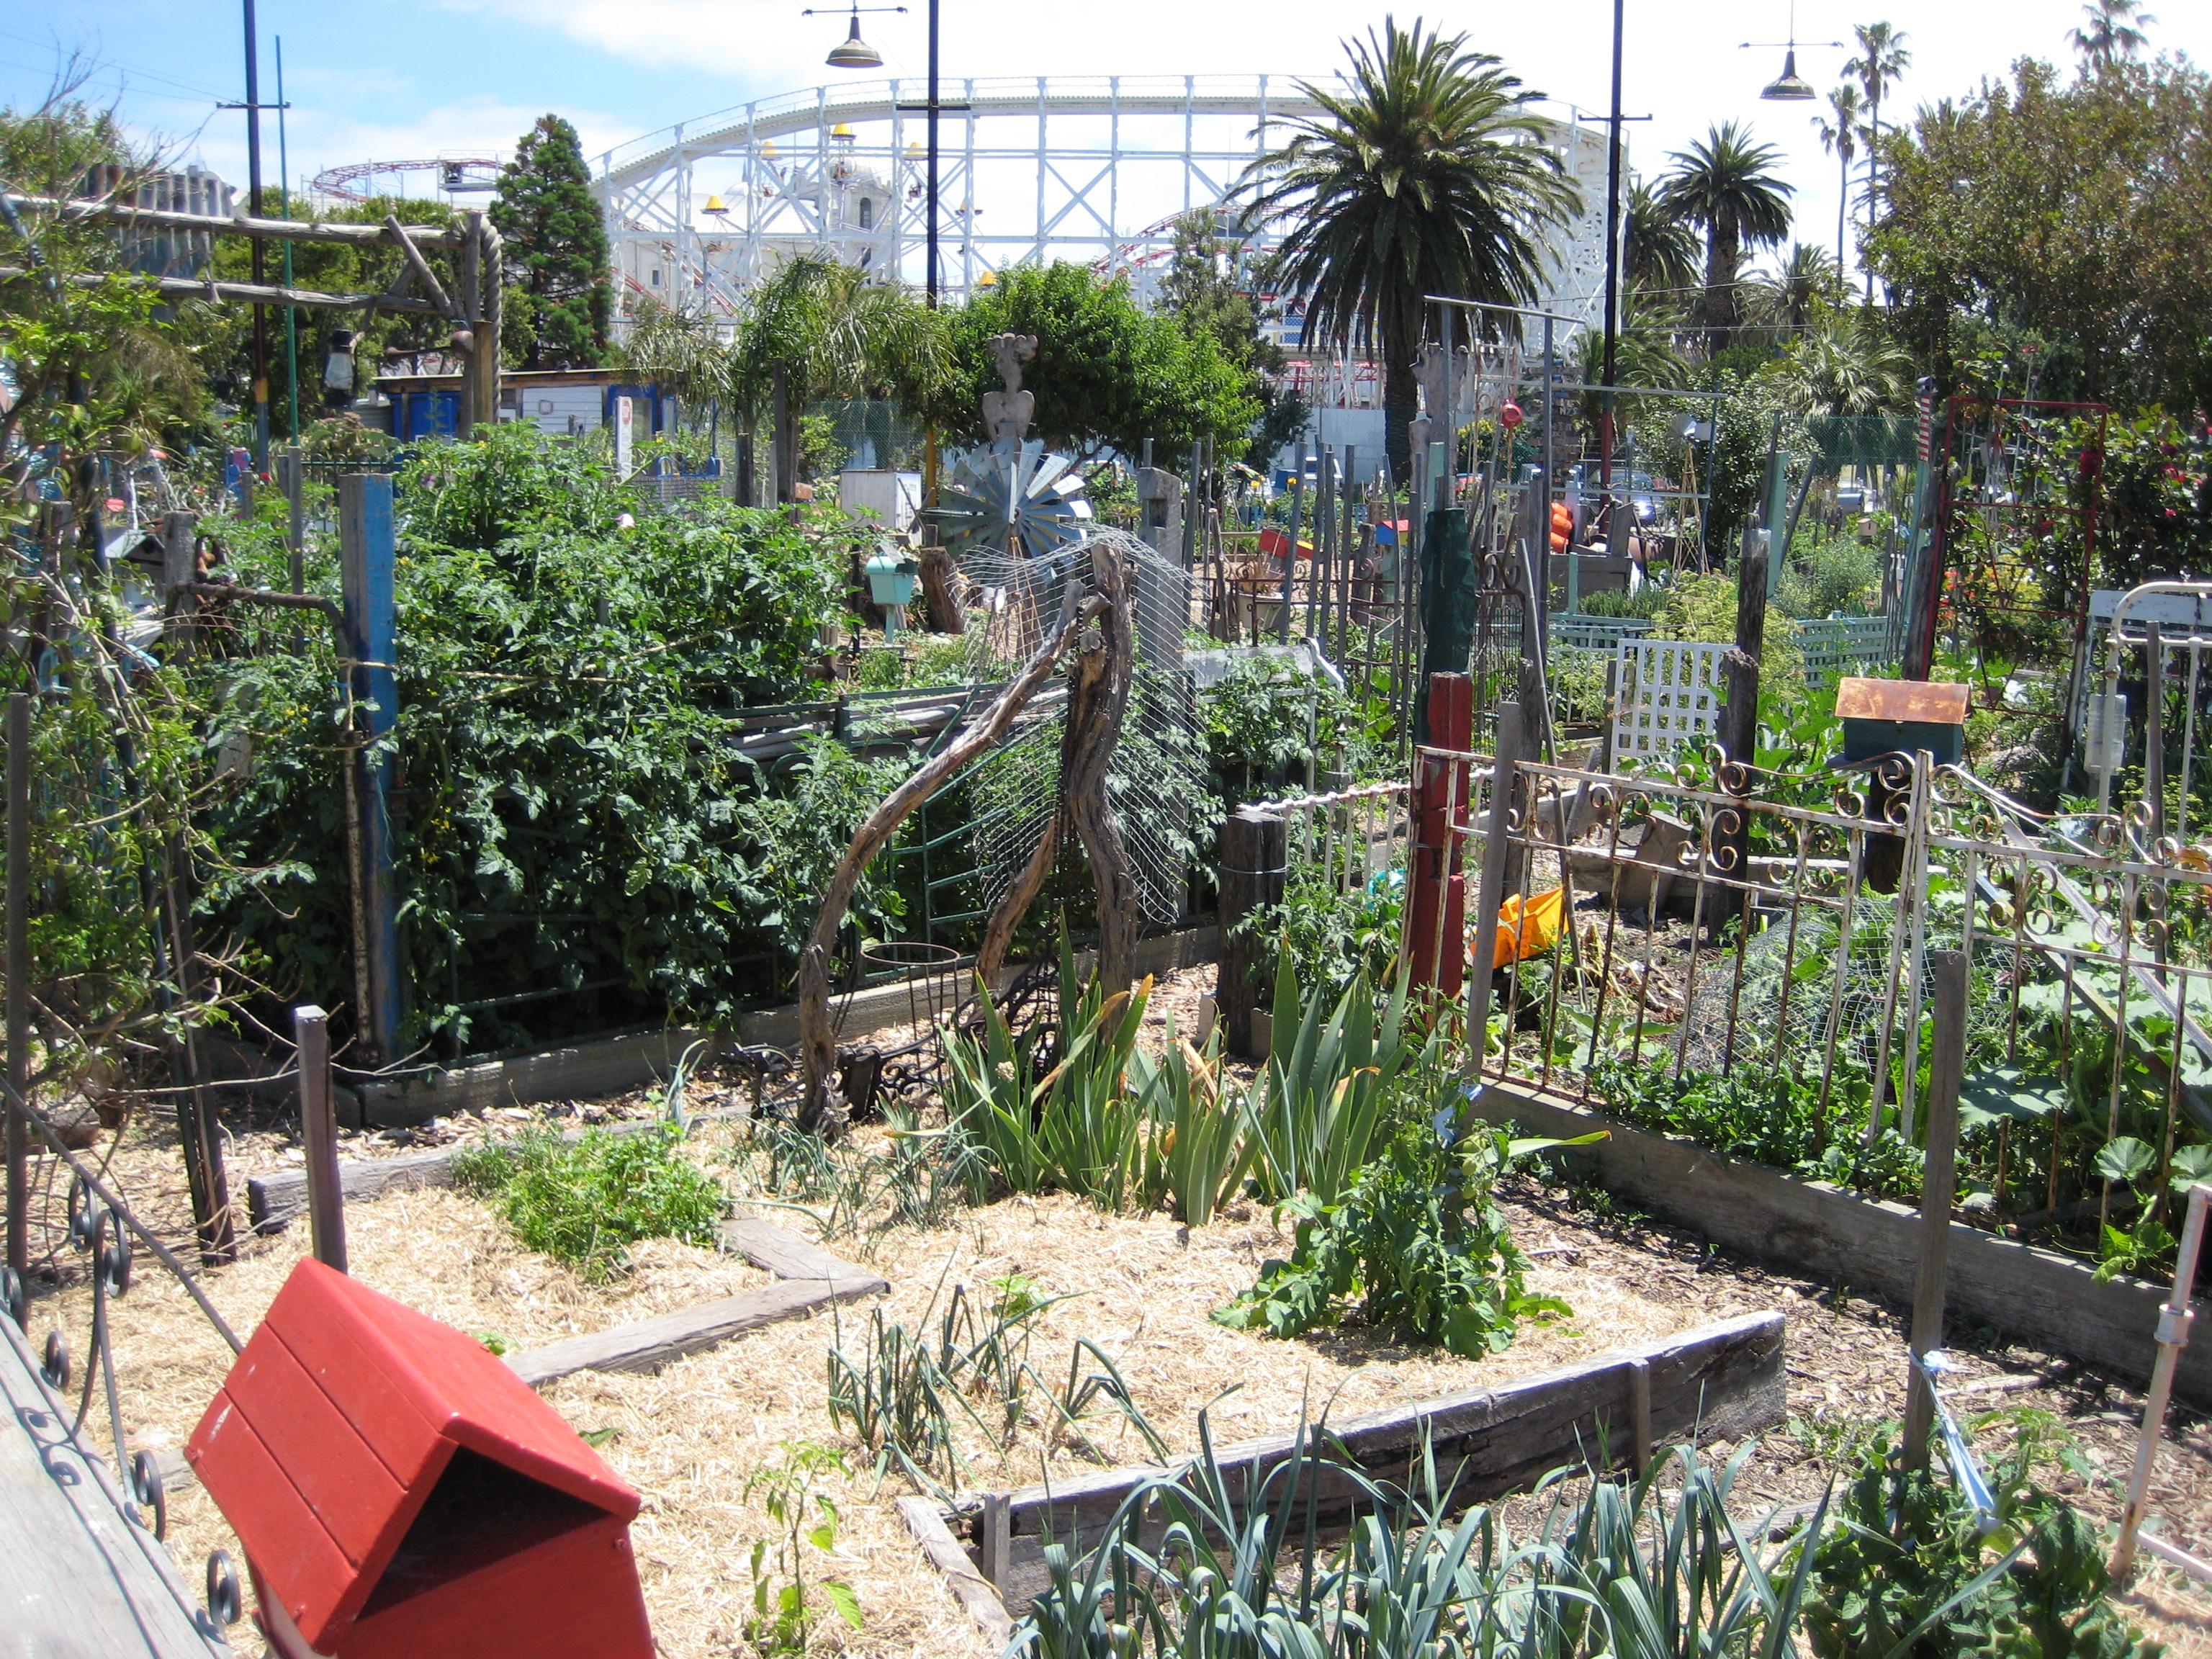 Veg Out Gardens